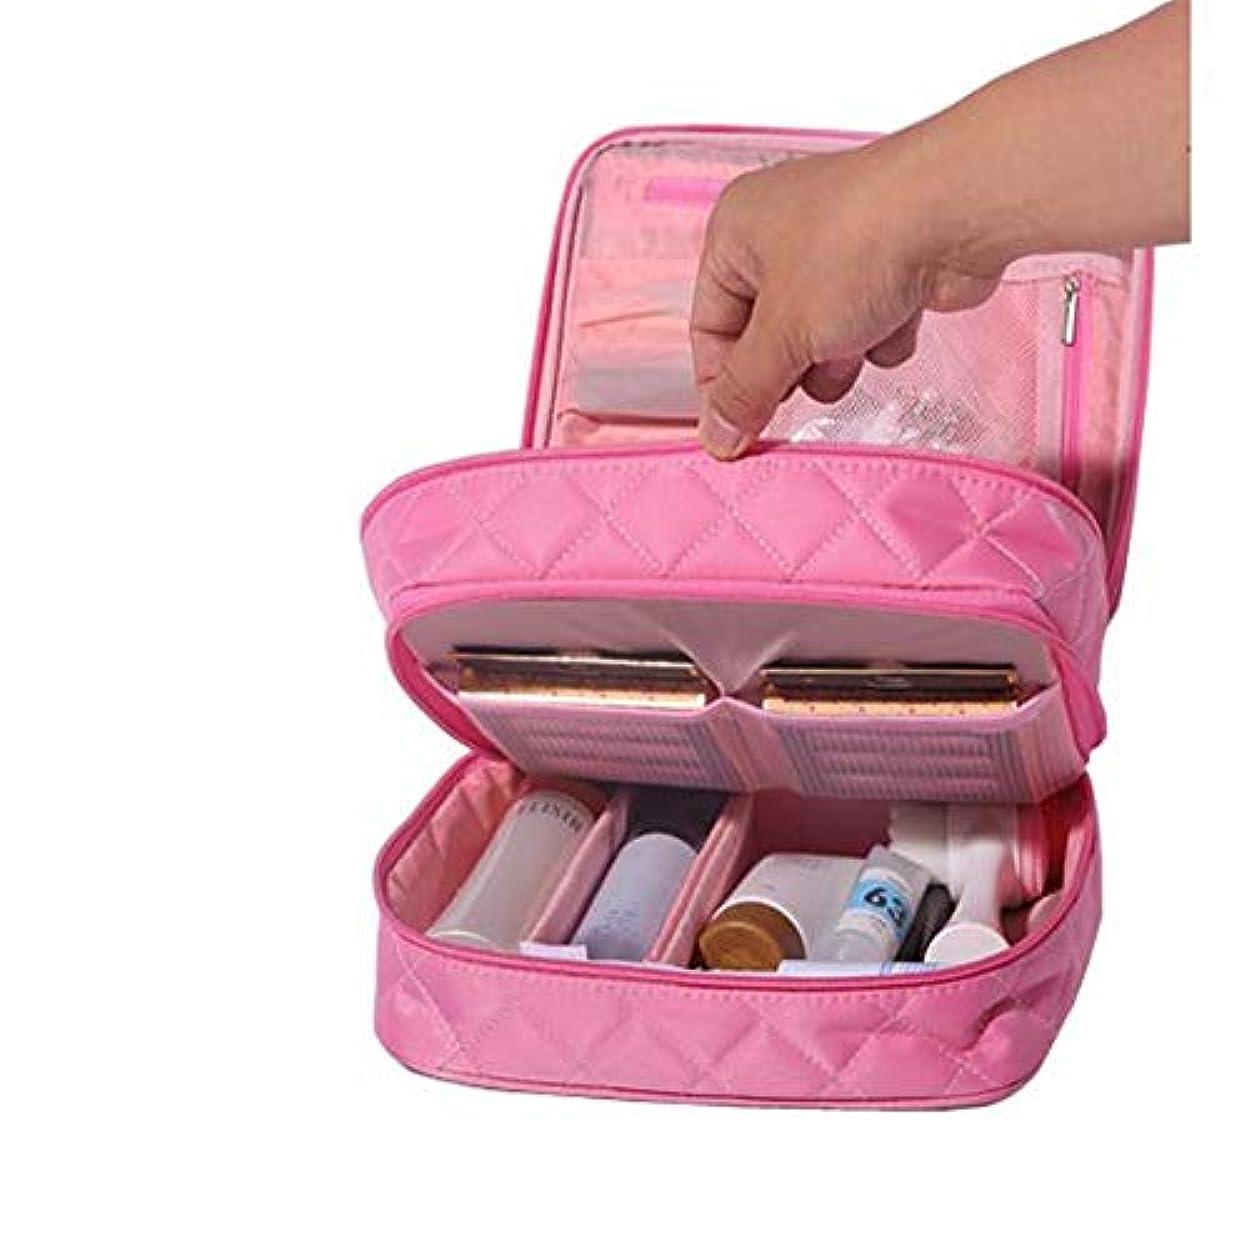 思いやりコンテストスポット特大スペース収納ビューティーボックス 化粧品袋、携帯用旅行化粧品の箱、化粧品の箱、収納箱、調節可能なディバイダーが付いている小型化粧の電車箱、化粧品の化粧筆、化粧品 化粧品化粧台 (色 : ピンク)